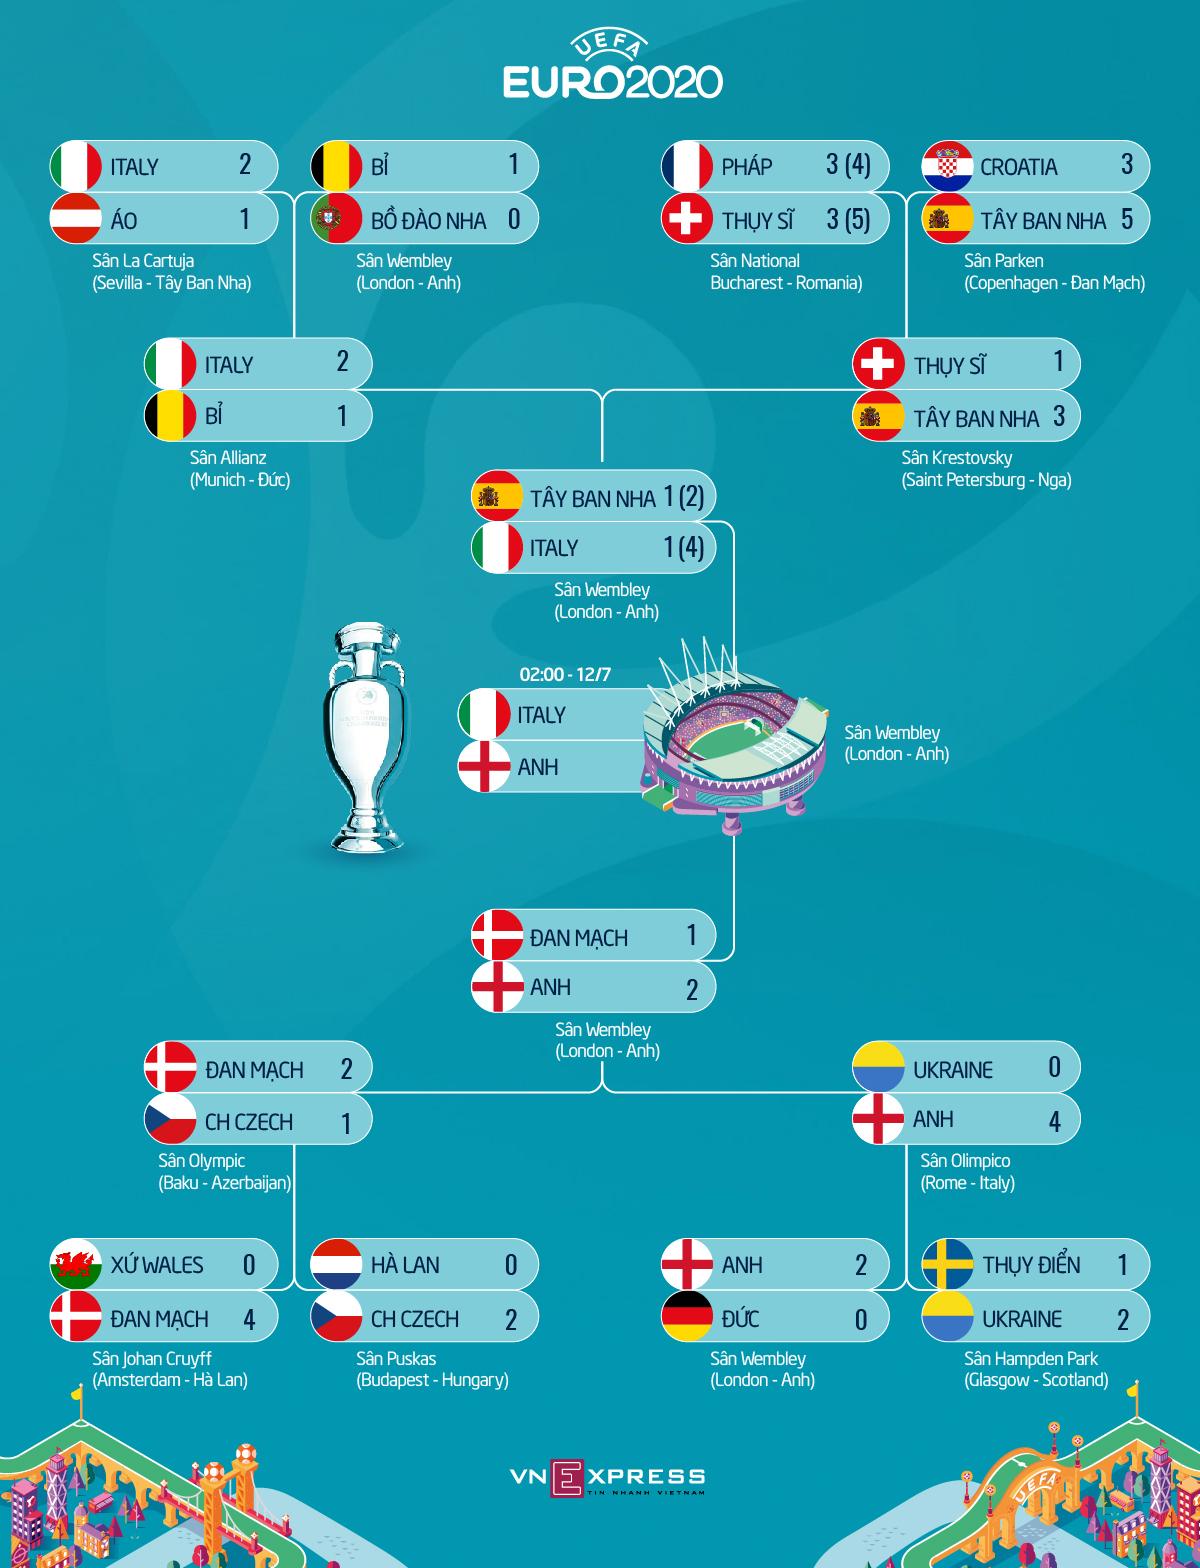 Bek tengah Italia: Final antara pemuda dan pria tua - 1